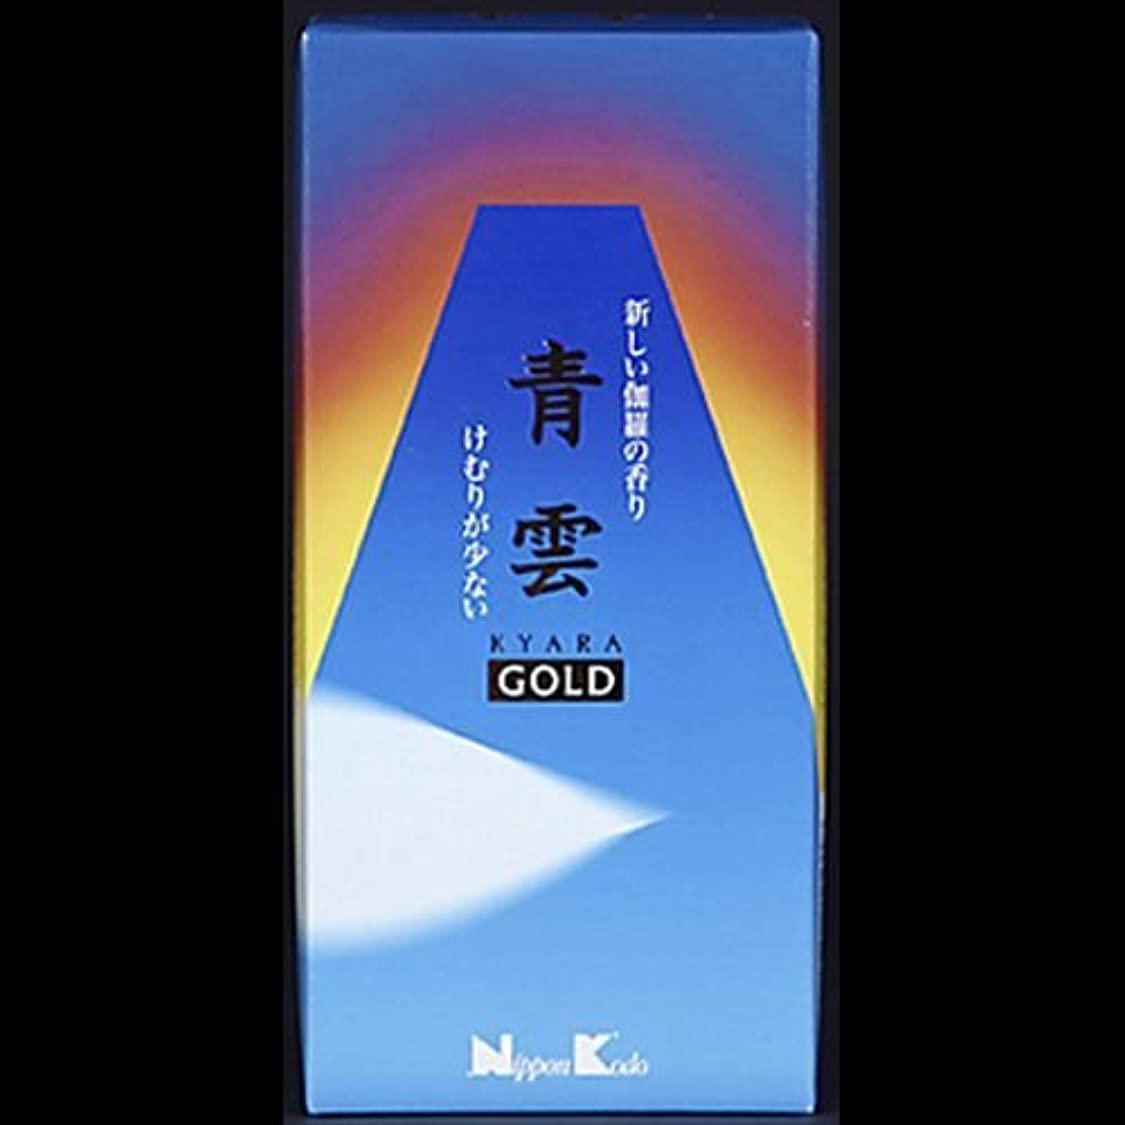 チキン取り除く山岳【まとめ買い】青雲ゴールドバラ詰め ×2セット